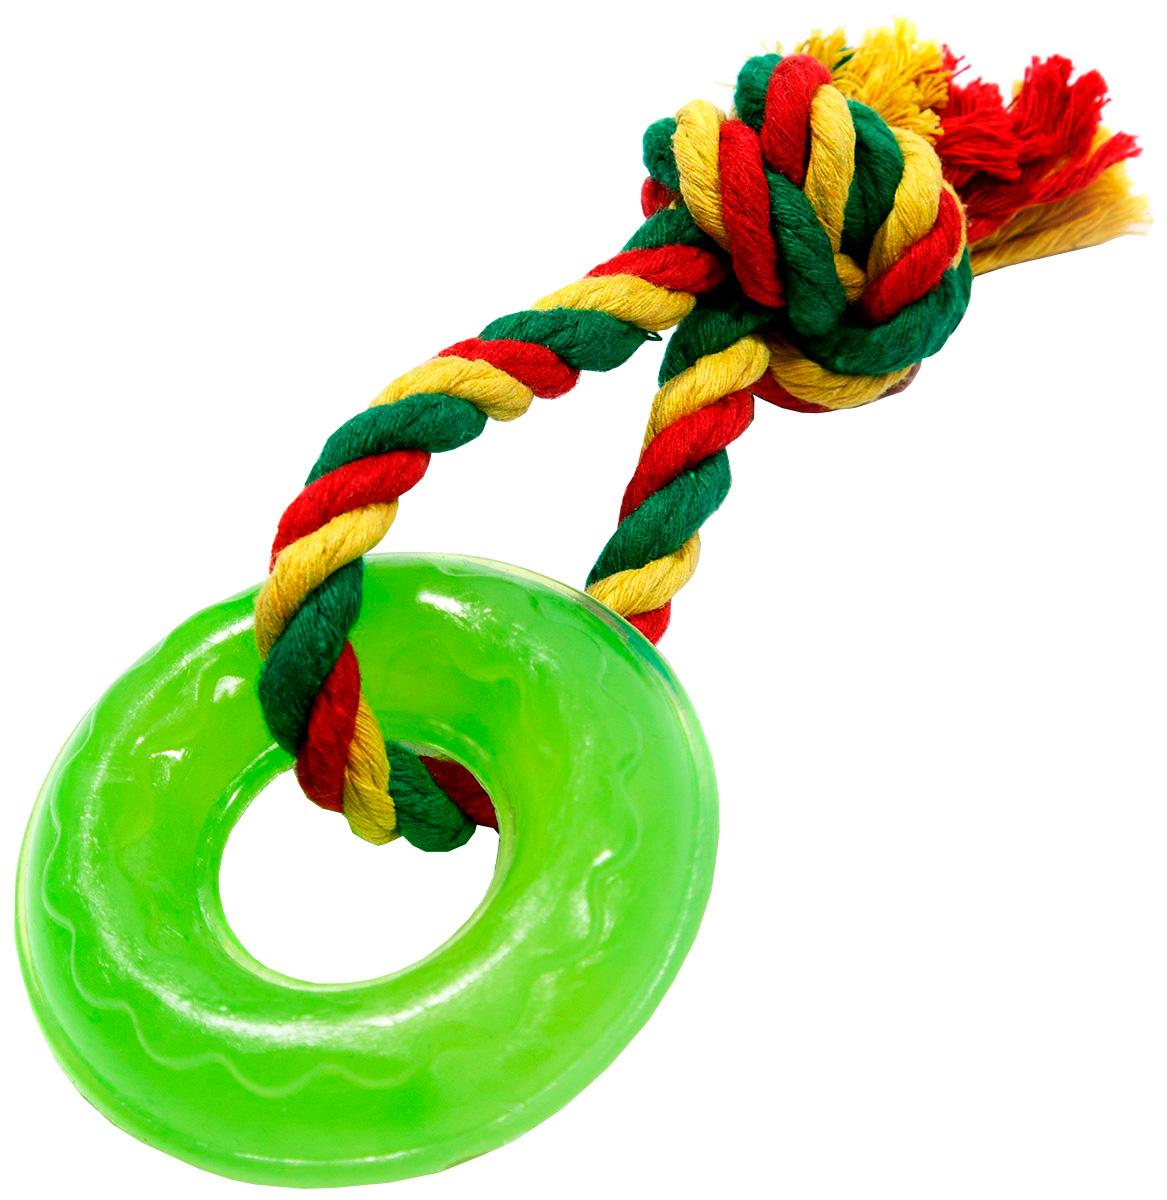 Игрушка для собак Doglike Кольцо Мини с канатом зеленое (1 шт)